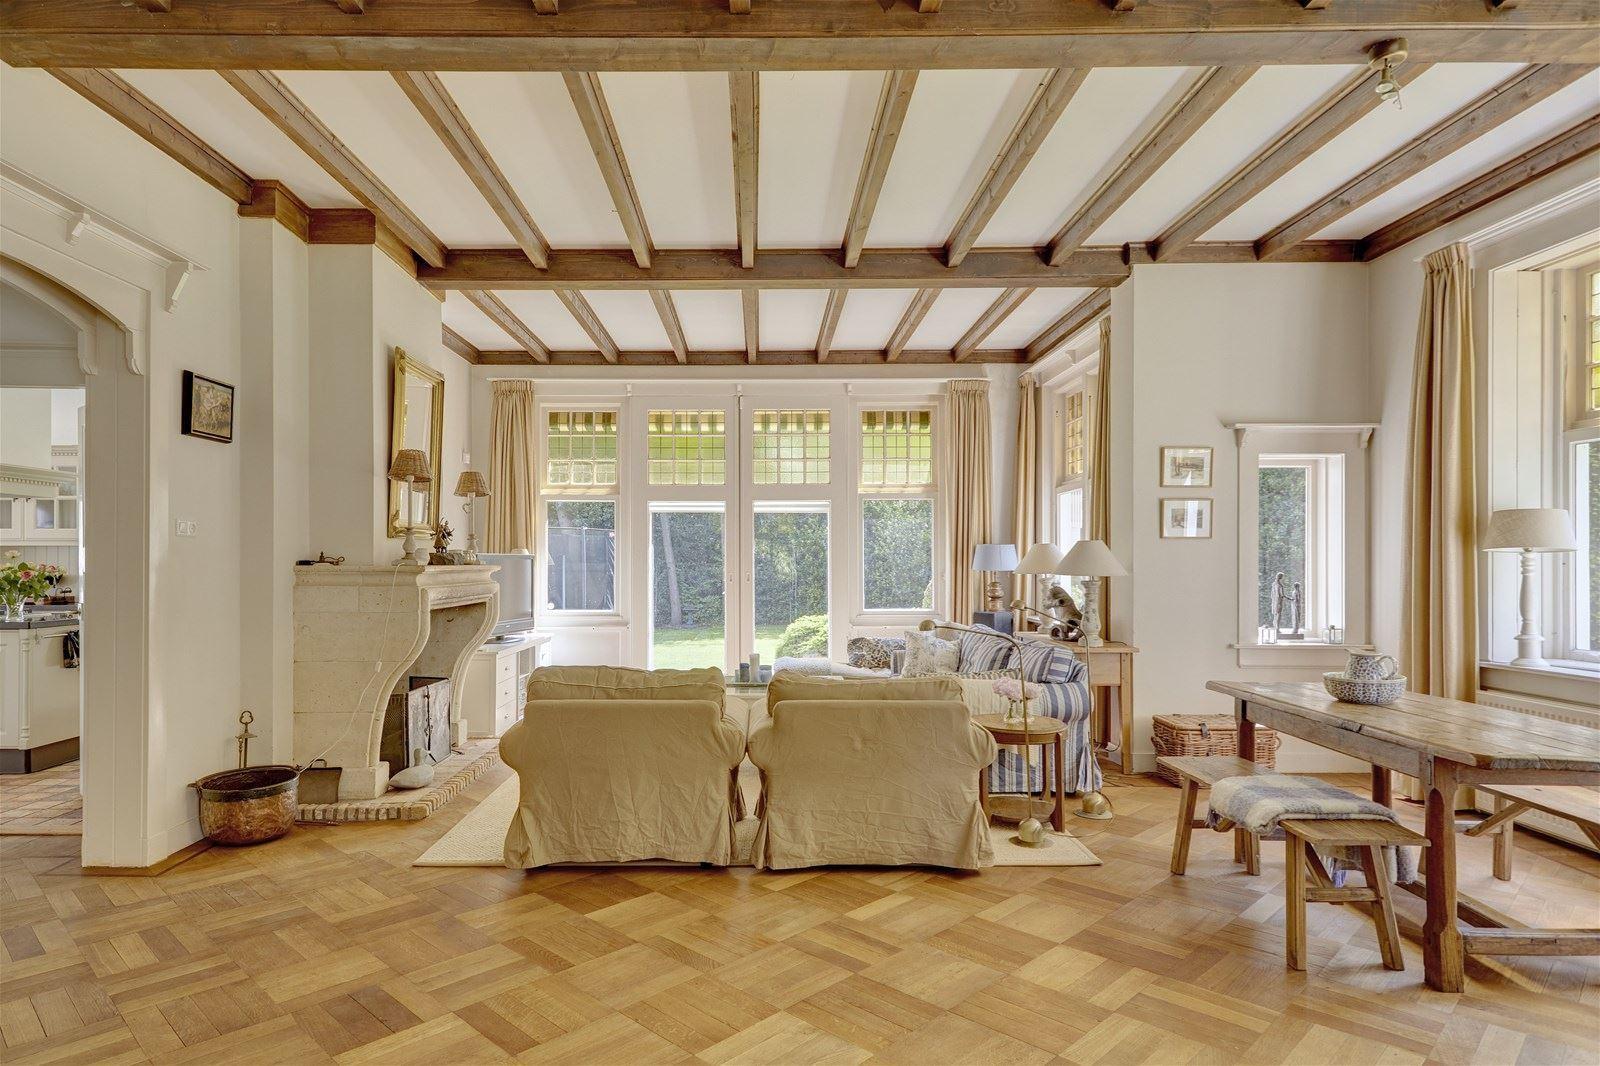 Nhà ở quê đẹp yên bình với những khoảng không gian ngập tràn ánh sáng - Ảnh 13.